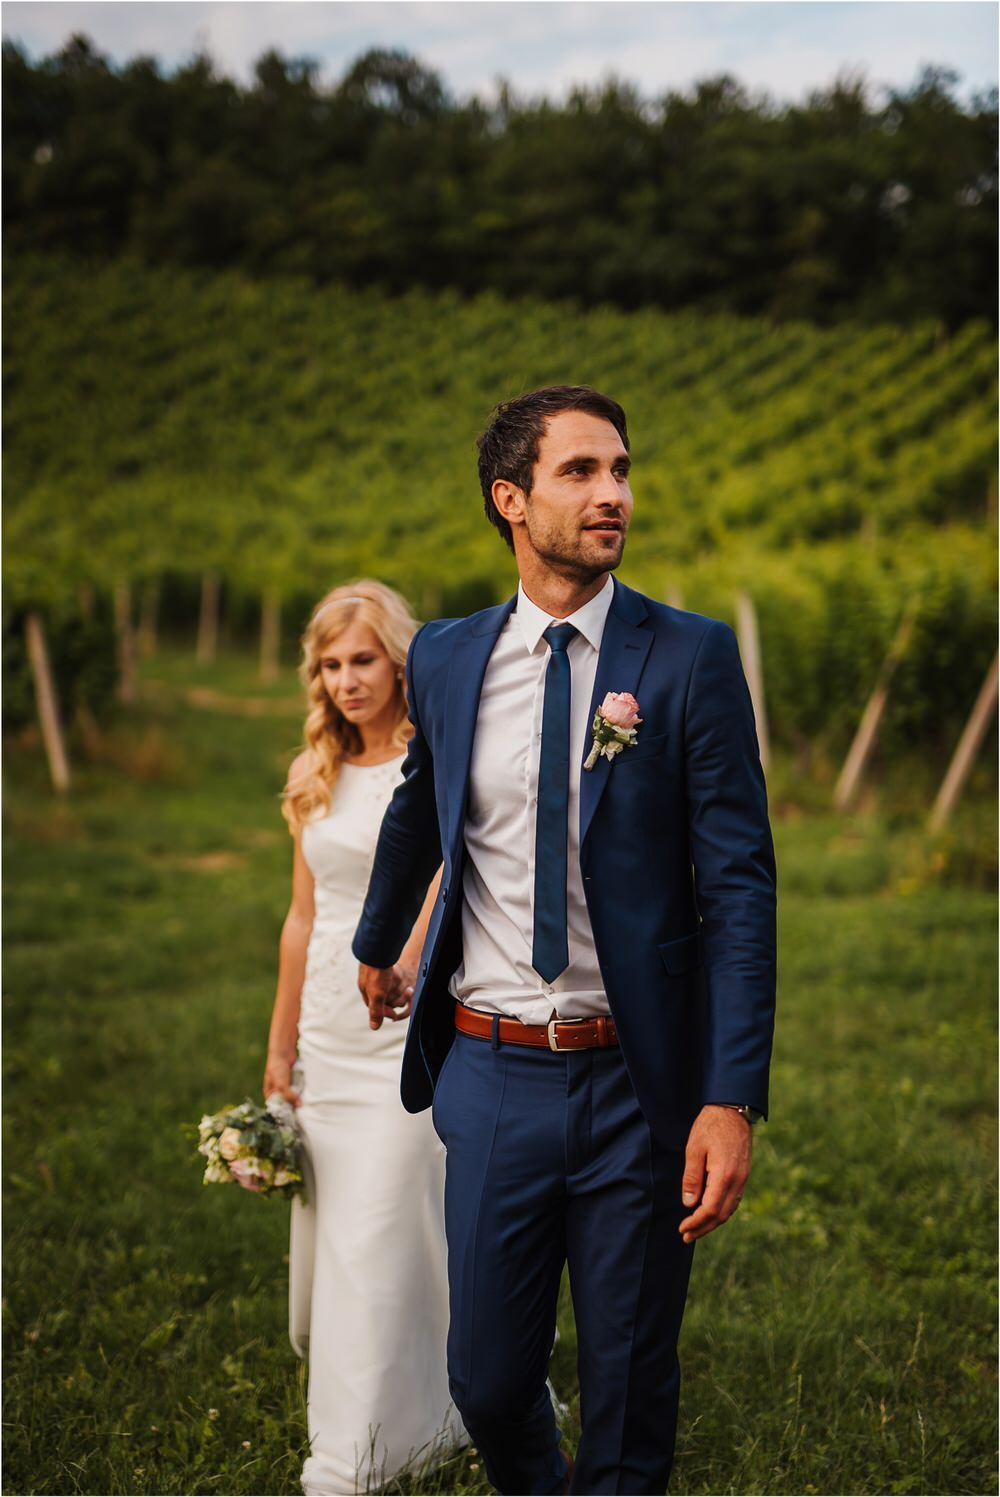 tri lucke slovenija krsko posavje poroka porocni fotograf fotografiranje elegantna poroka vinograd classy elegant wedding slovenia 0073.jpg